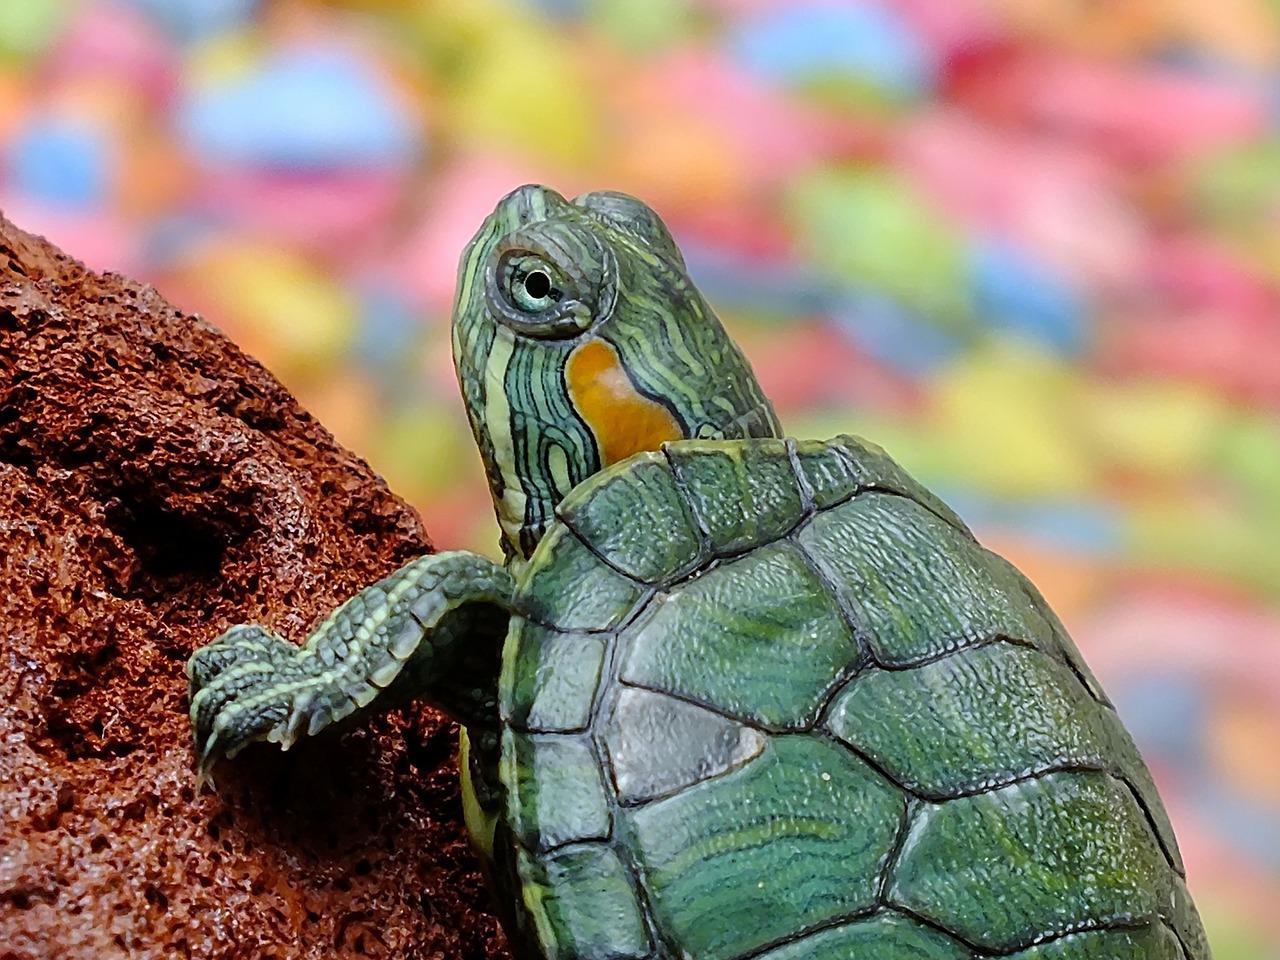 turtle-182121_1280.jpg